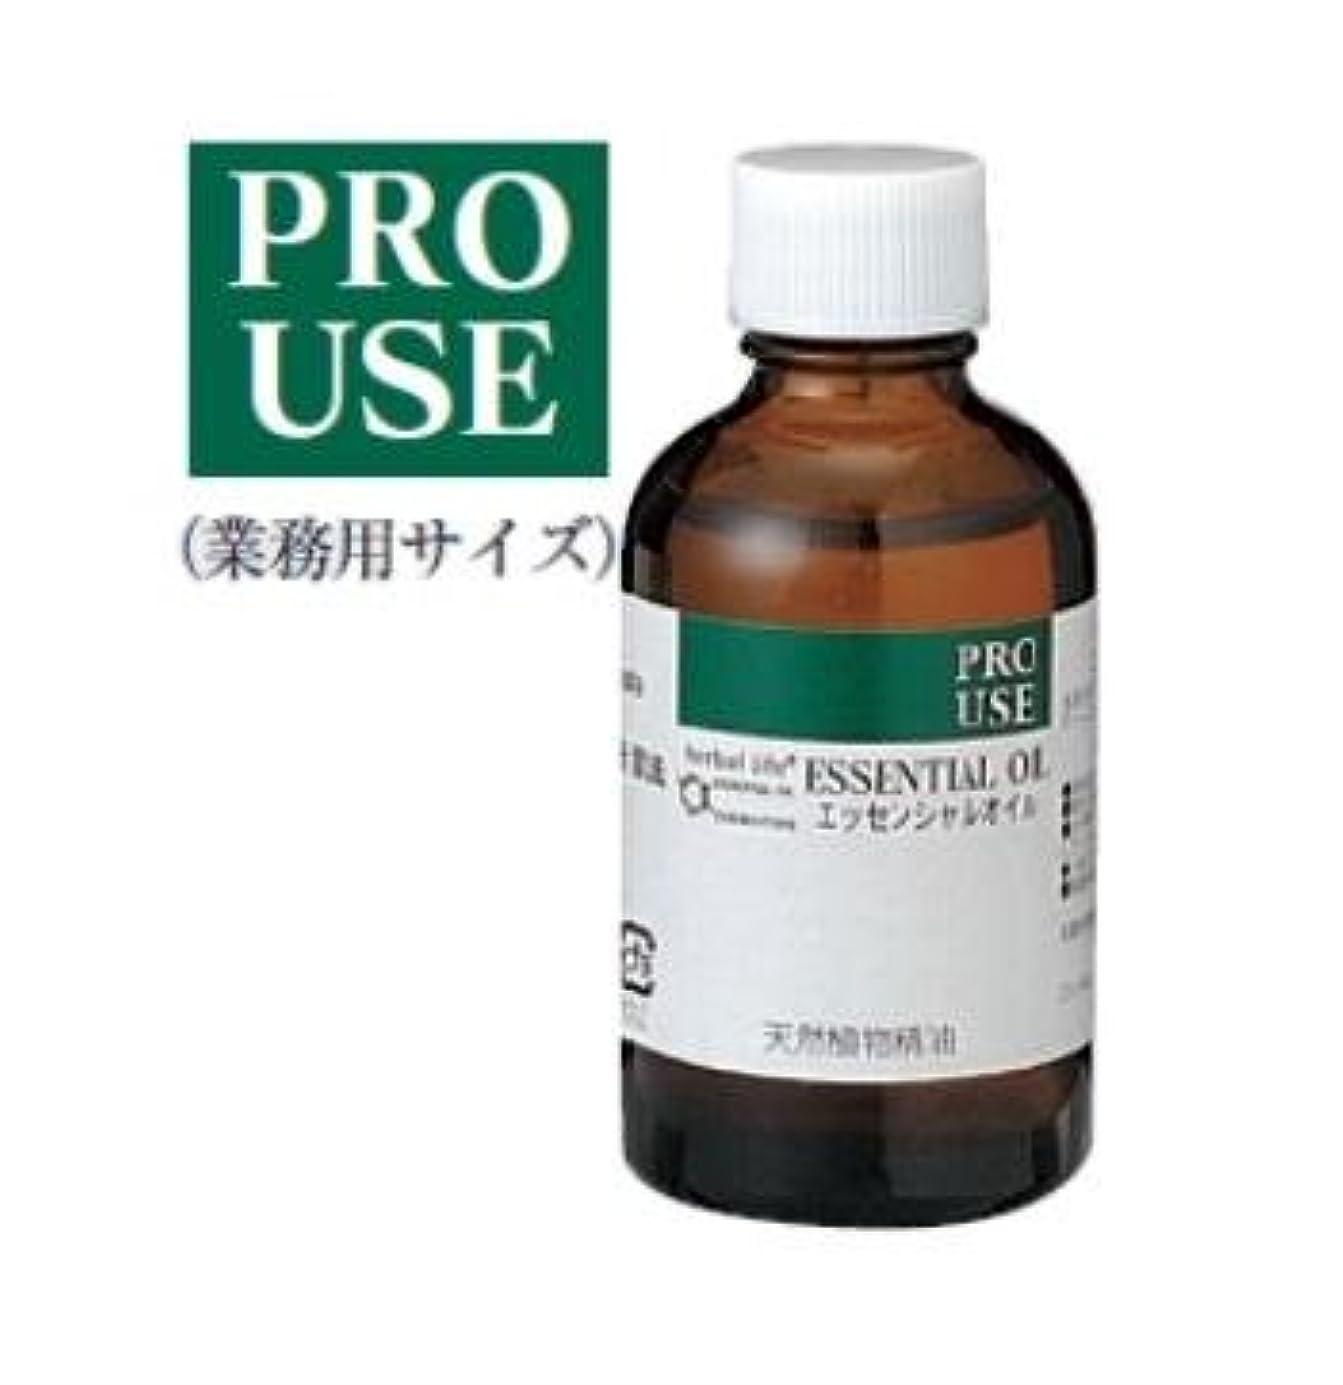 生活の木 エッセンシャルオイル フランキンセンス (オリバナム/乳香) 精油 50ml アロマオイル アロマ